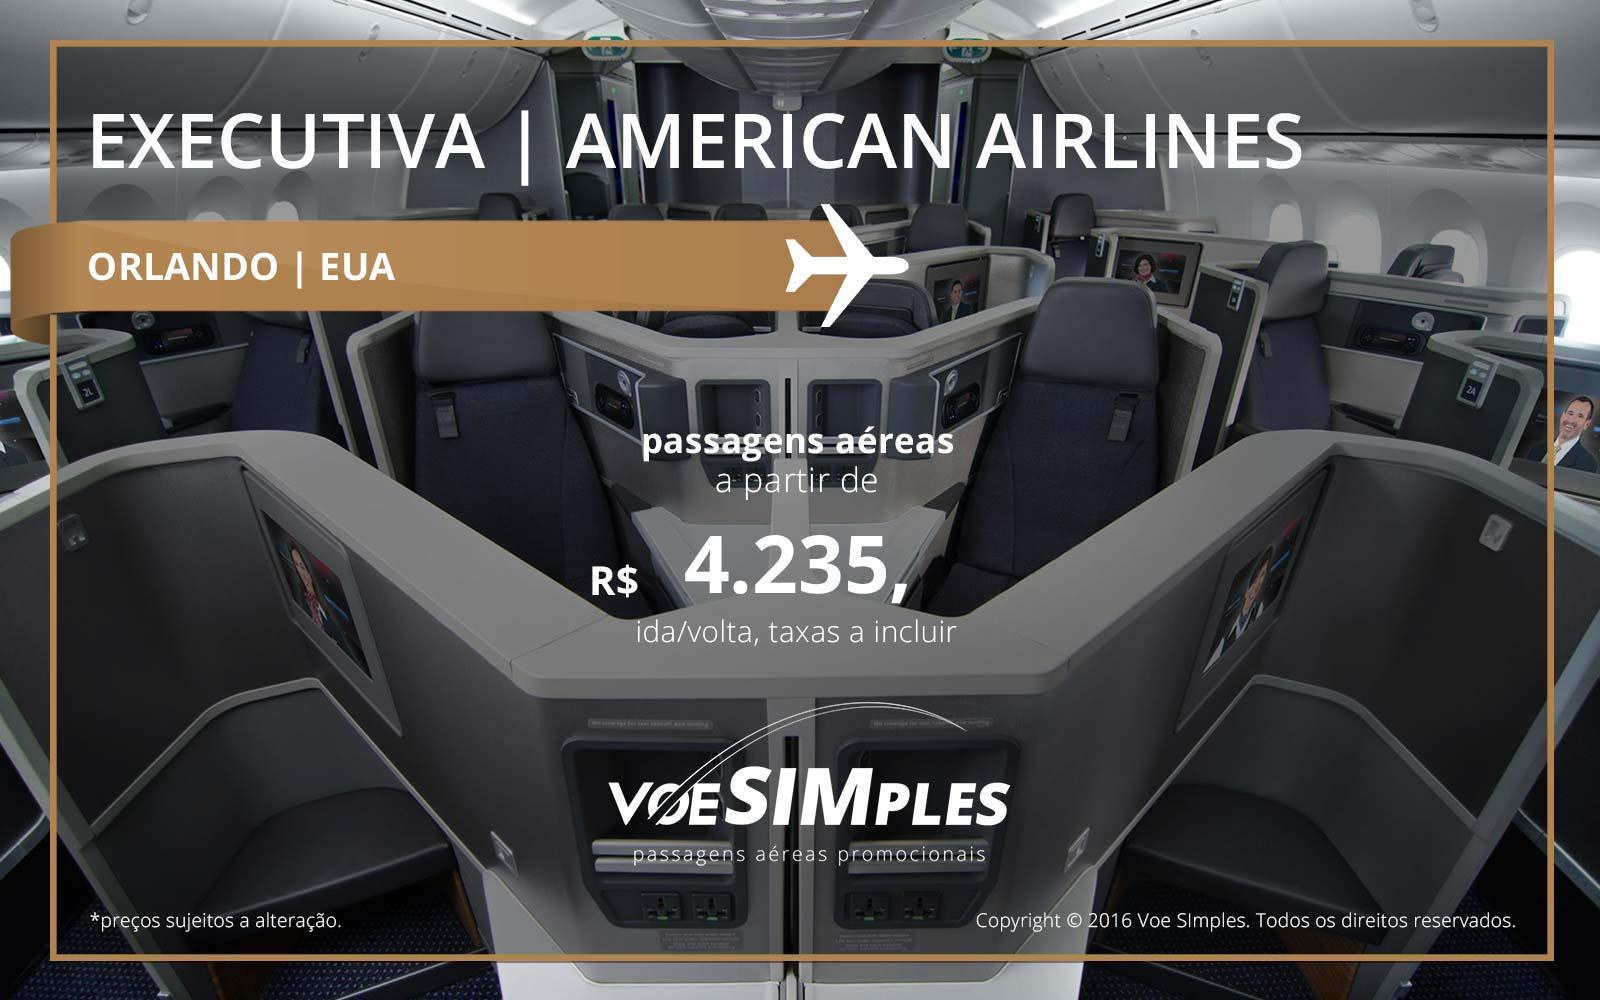 Passagem aérea Classe Executiva American Airlines para Orlando